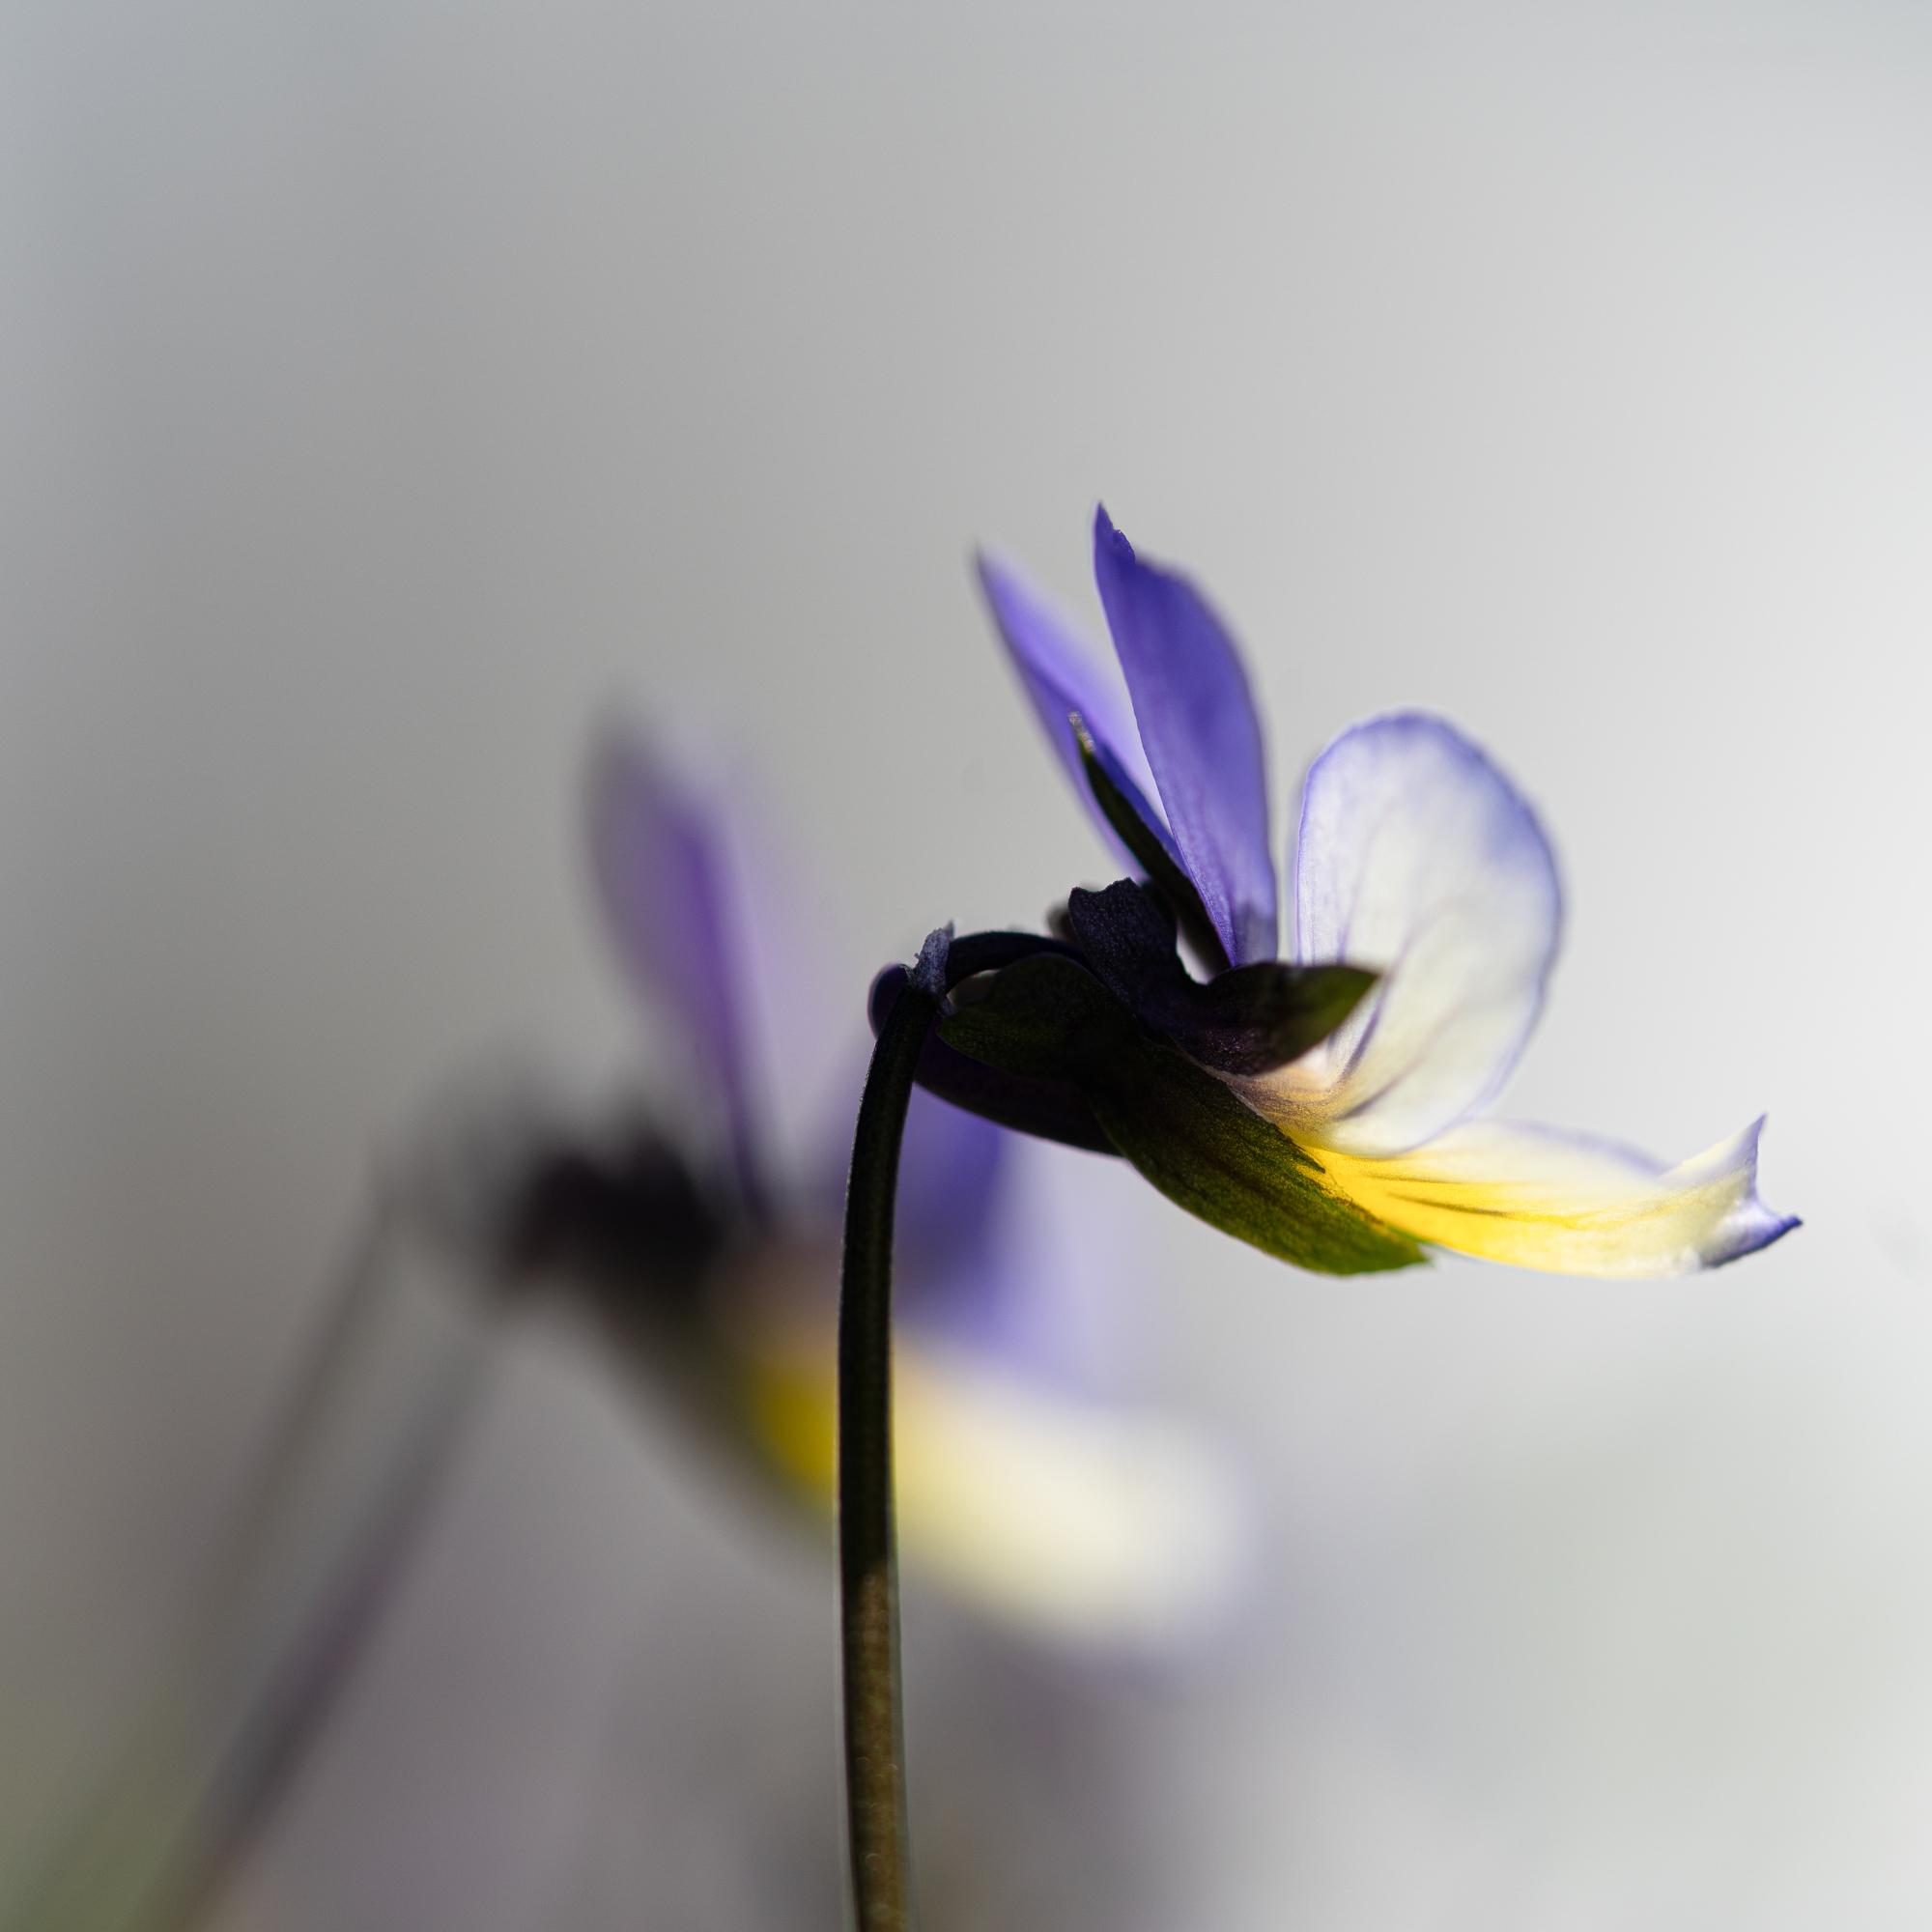 Flower, Nøtterøy-_DSC5089-©Bjørn Joachimsen.jpg